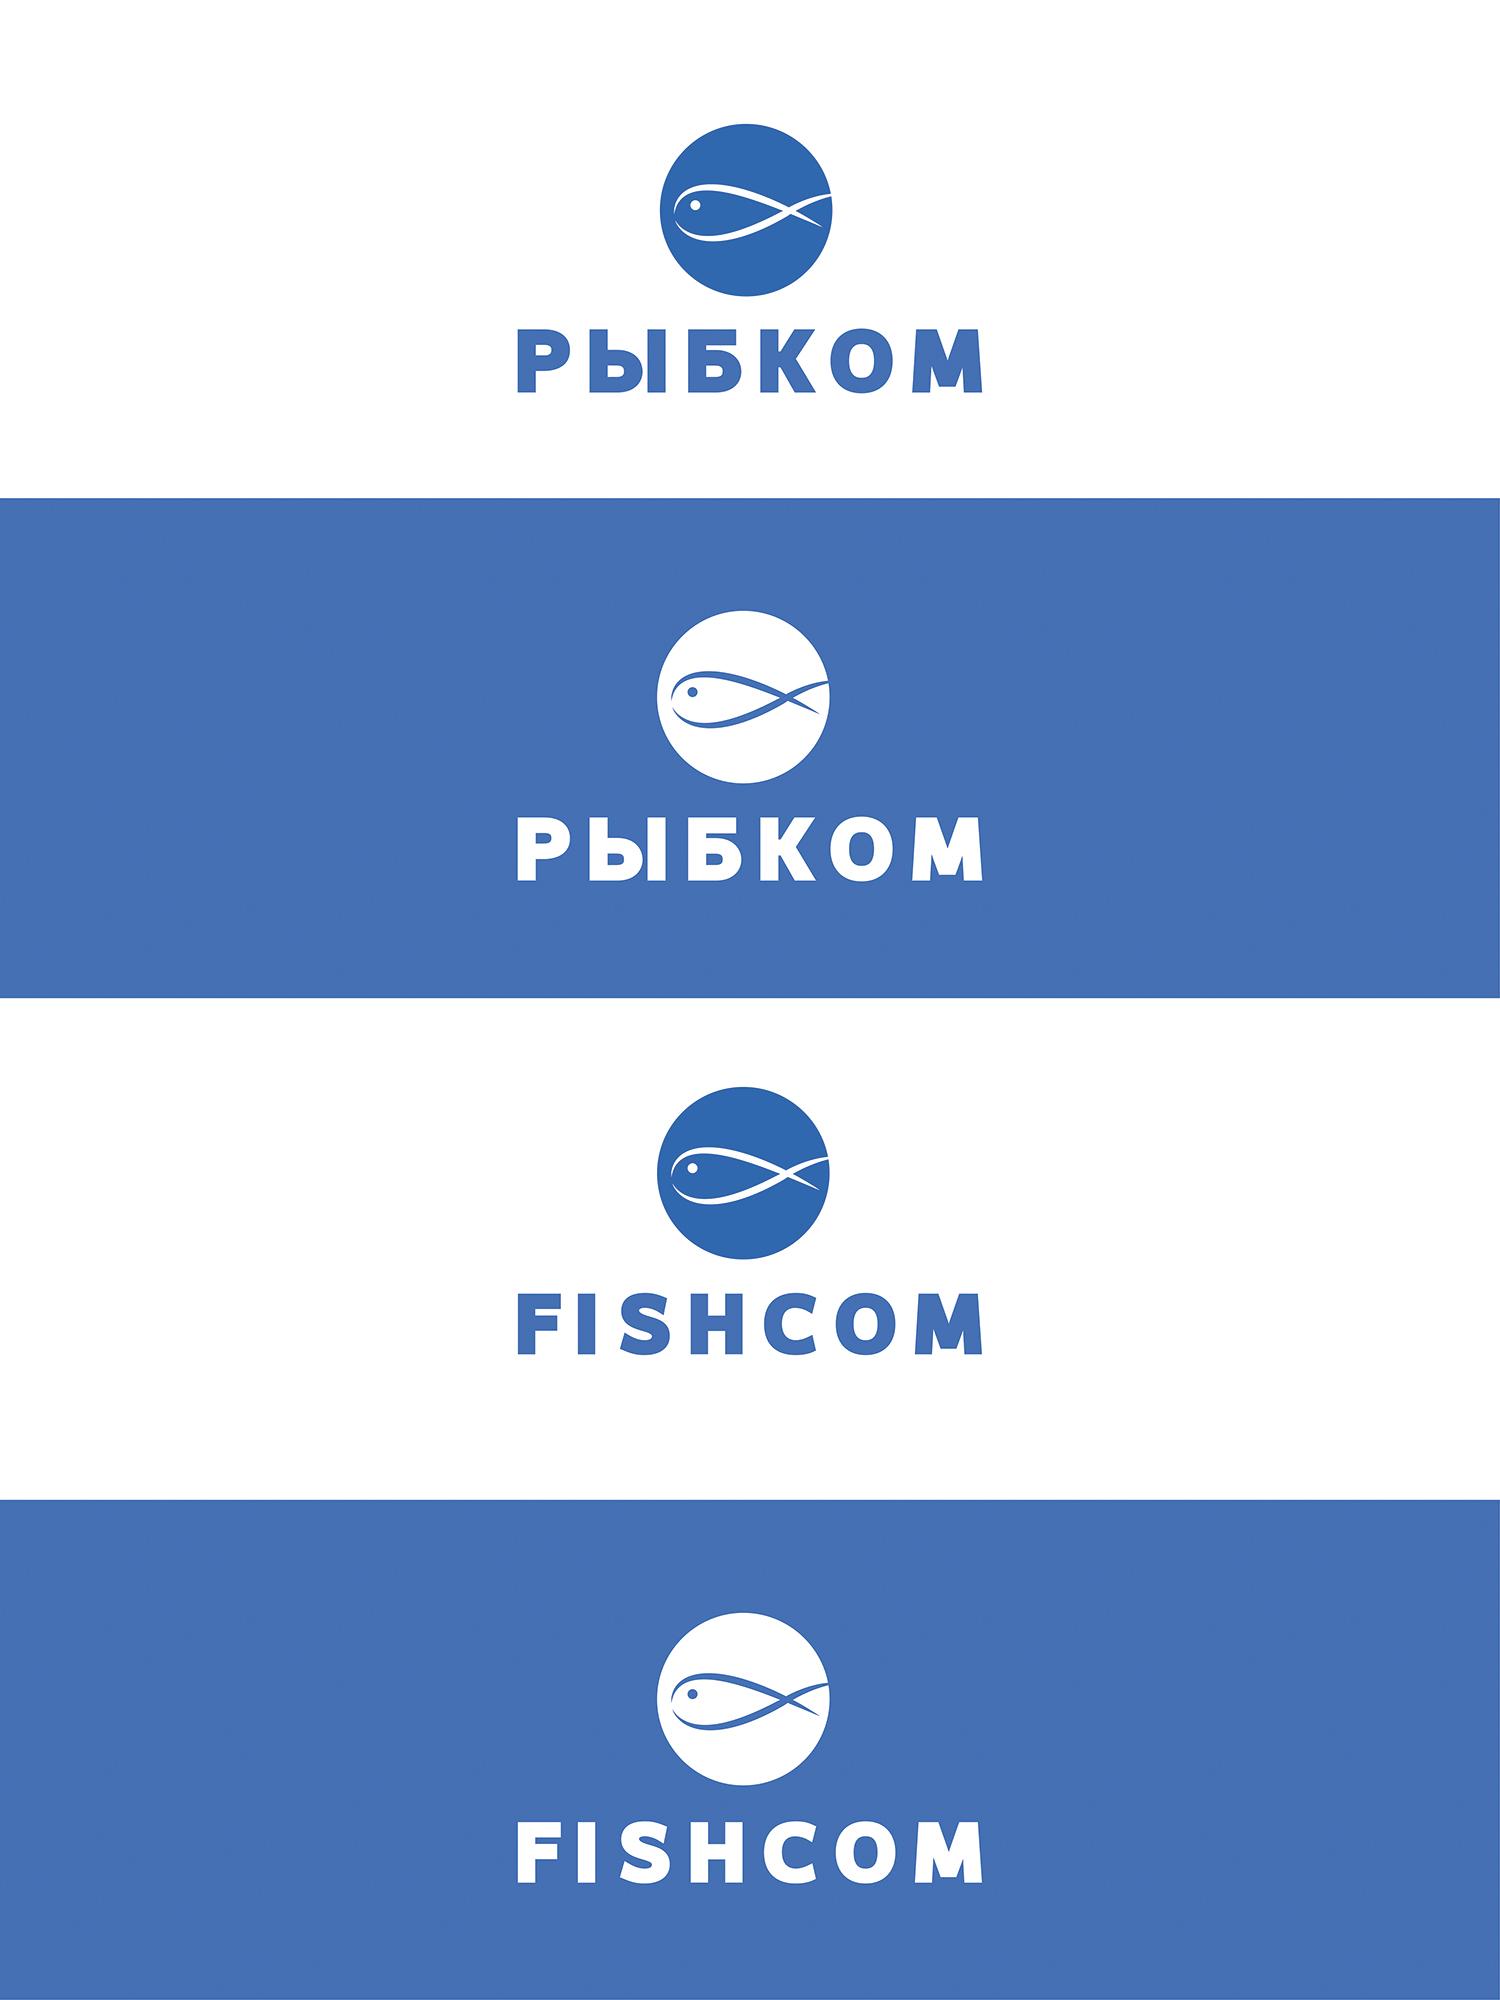 Создание логотипа и брэндбука для компании РЫБКОМ фото f_0595c0a8eb6dfbf3.jpg